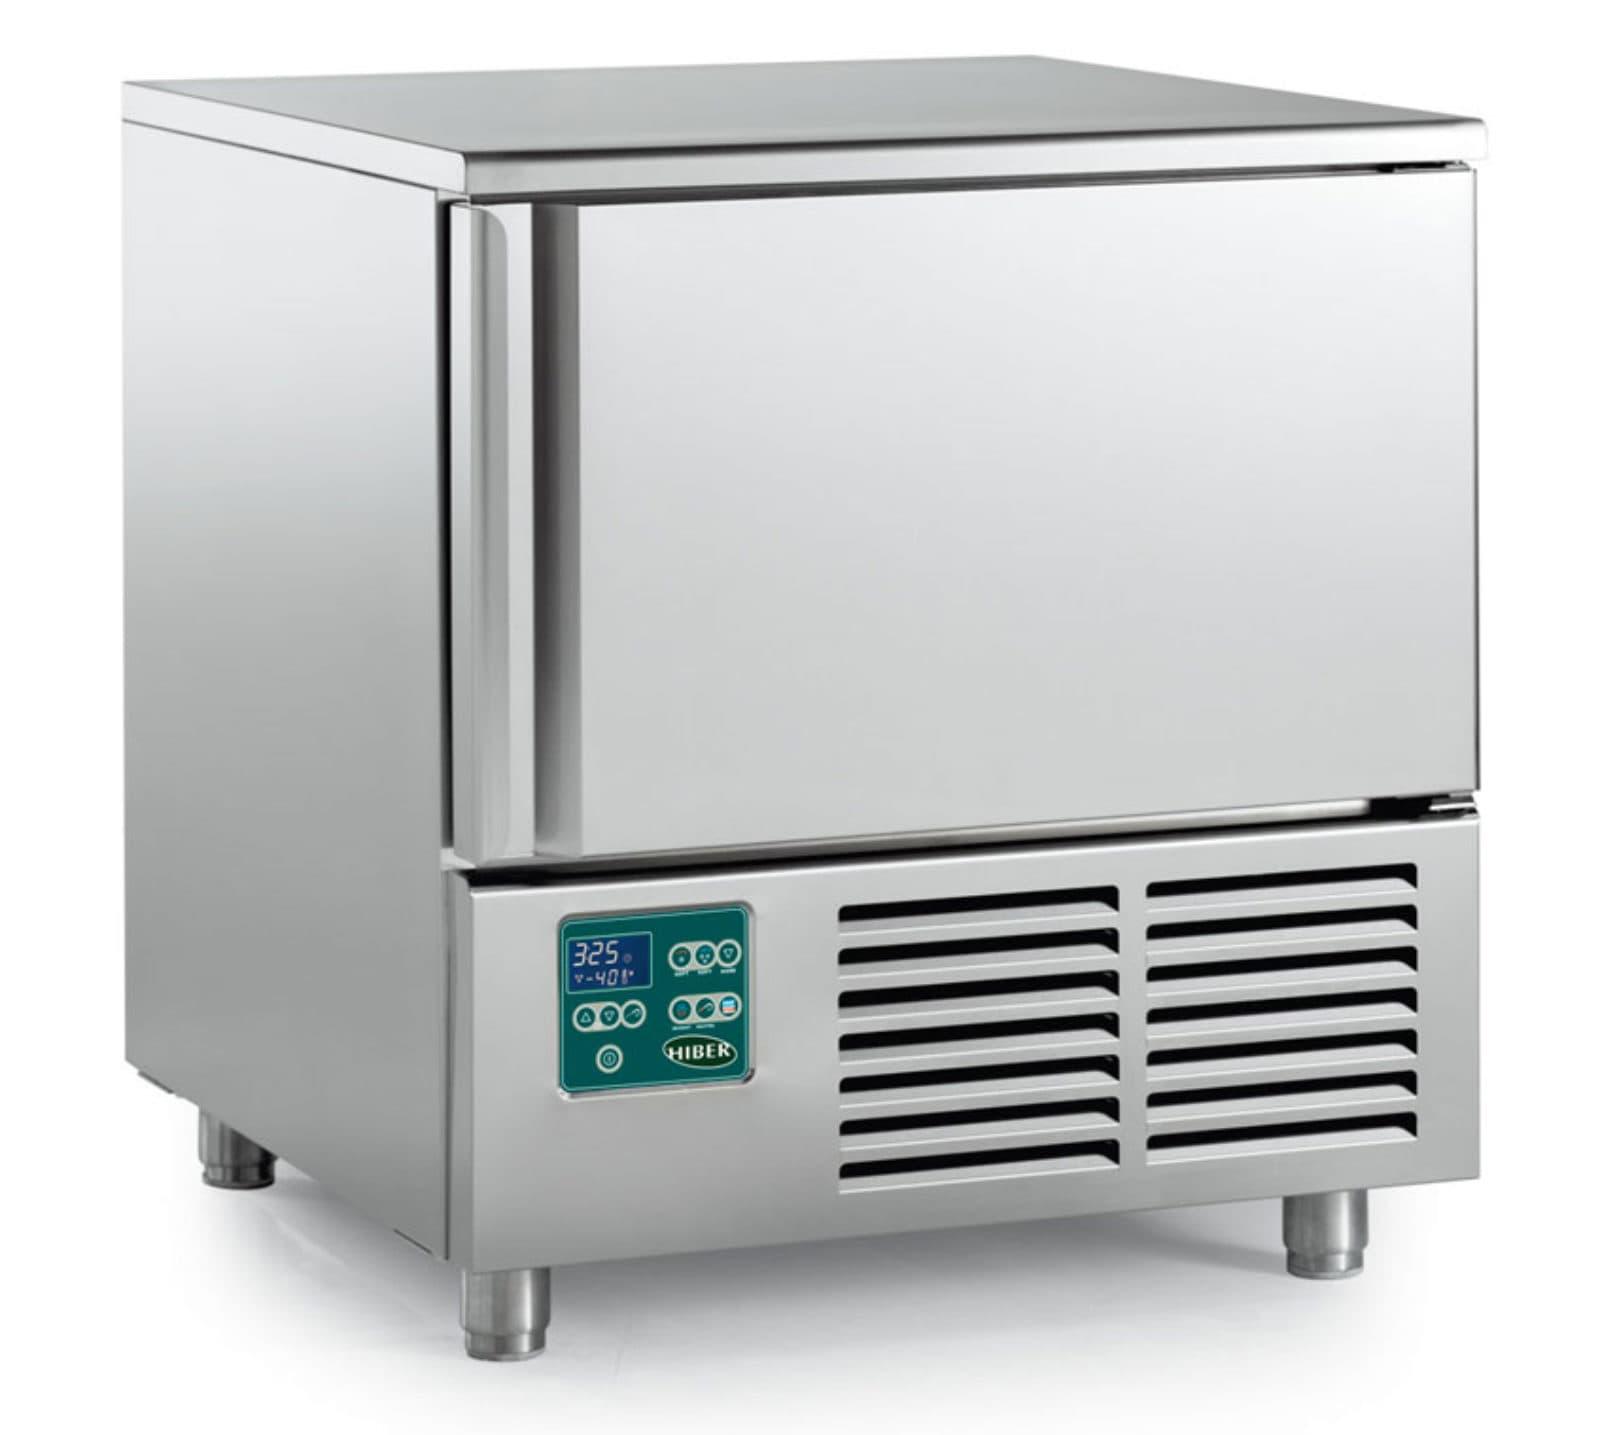 Hiber GCM006S